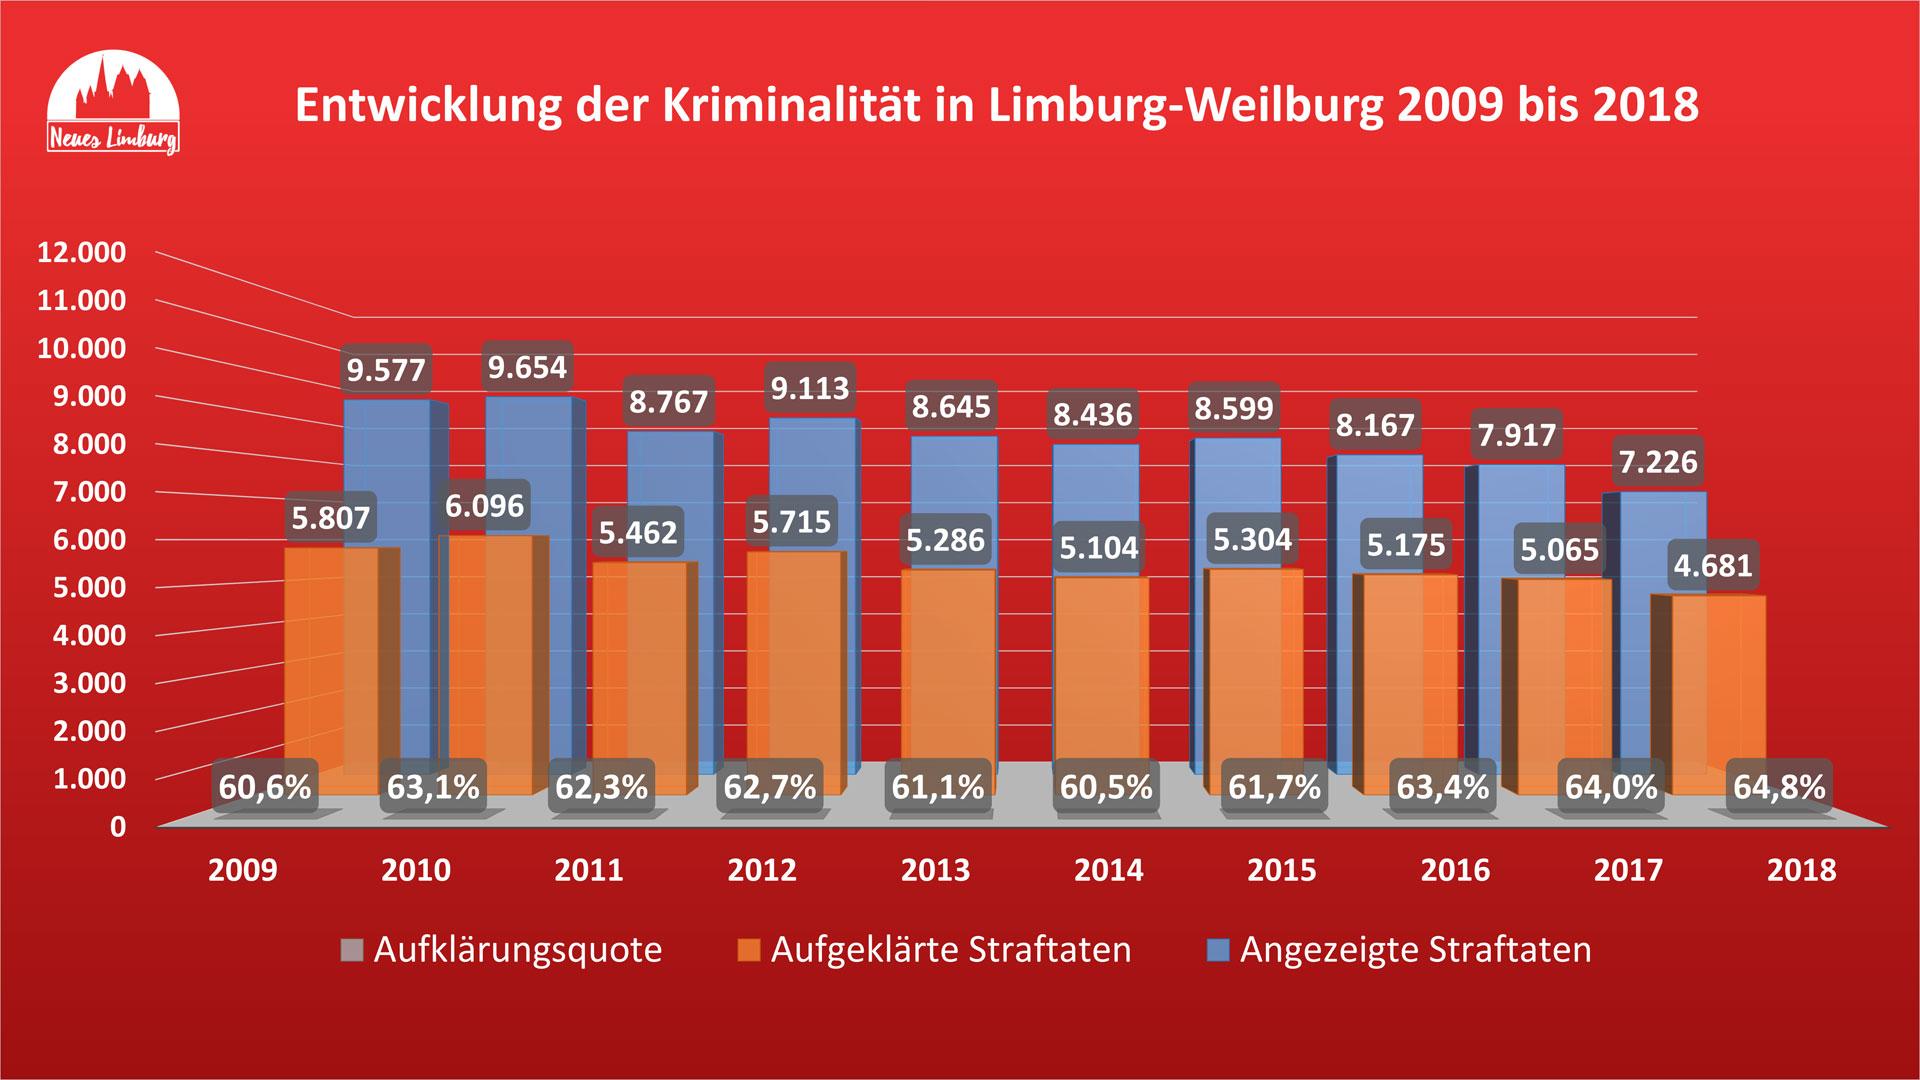 Entwicklung der Kriminalität in Limburg-Weilburg 2009 bis 2018. © Neues Limburg